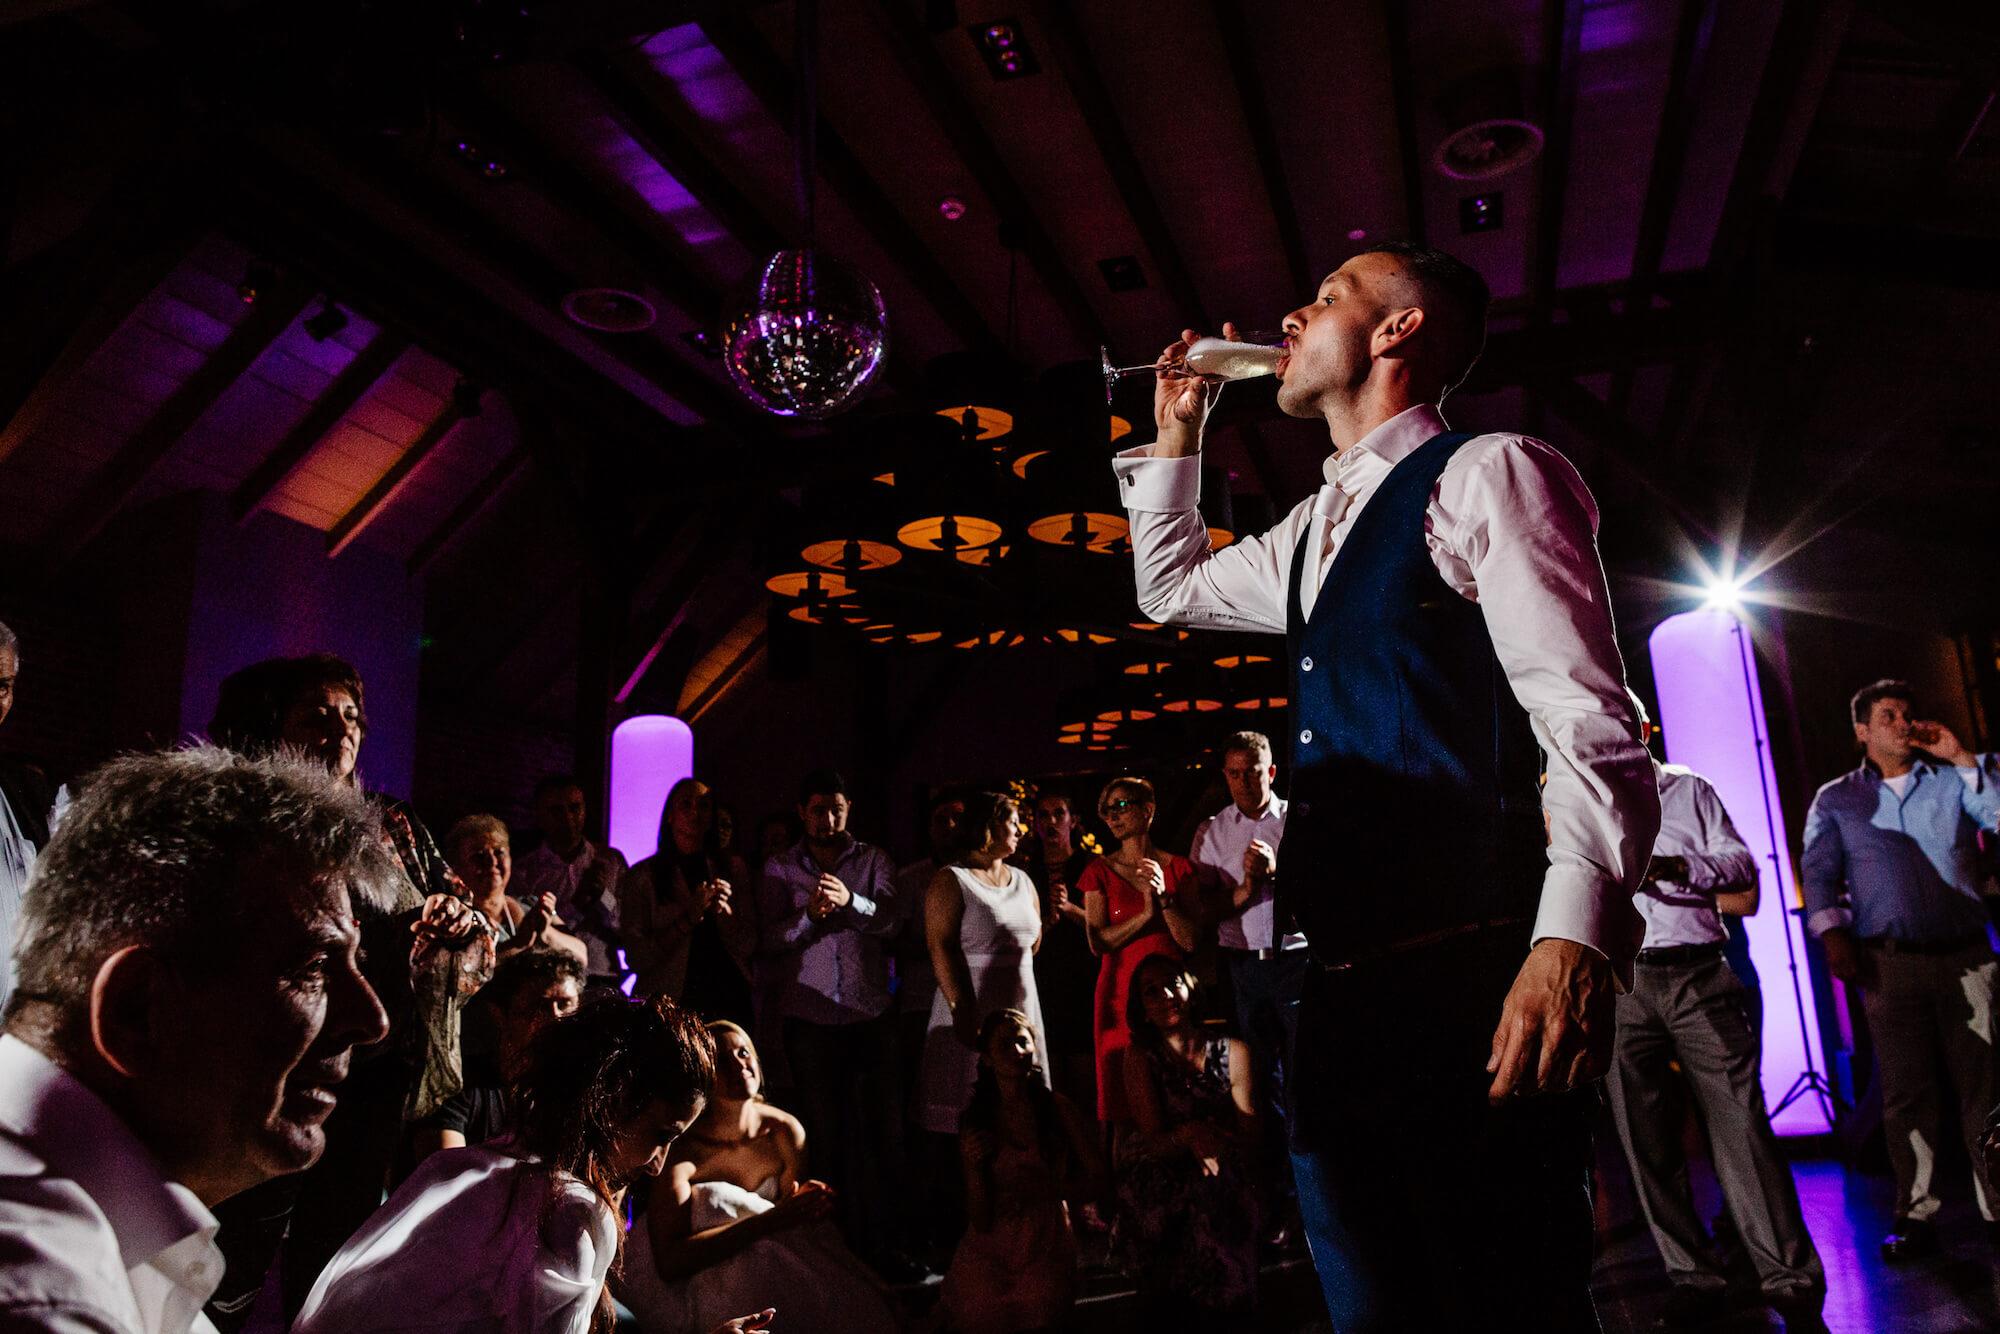 griekse-bruiloft-trouwfotograaf-utrecht-64.jpg